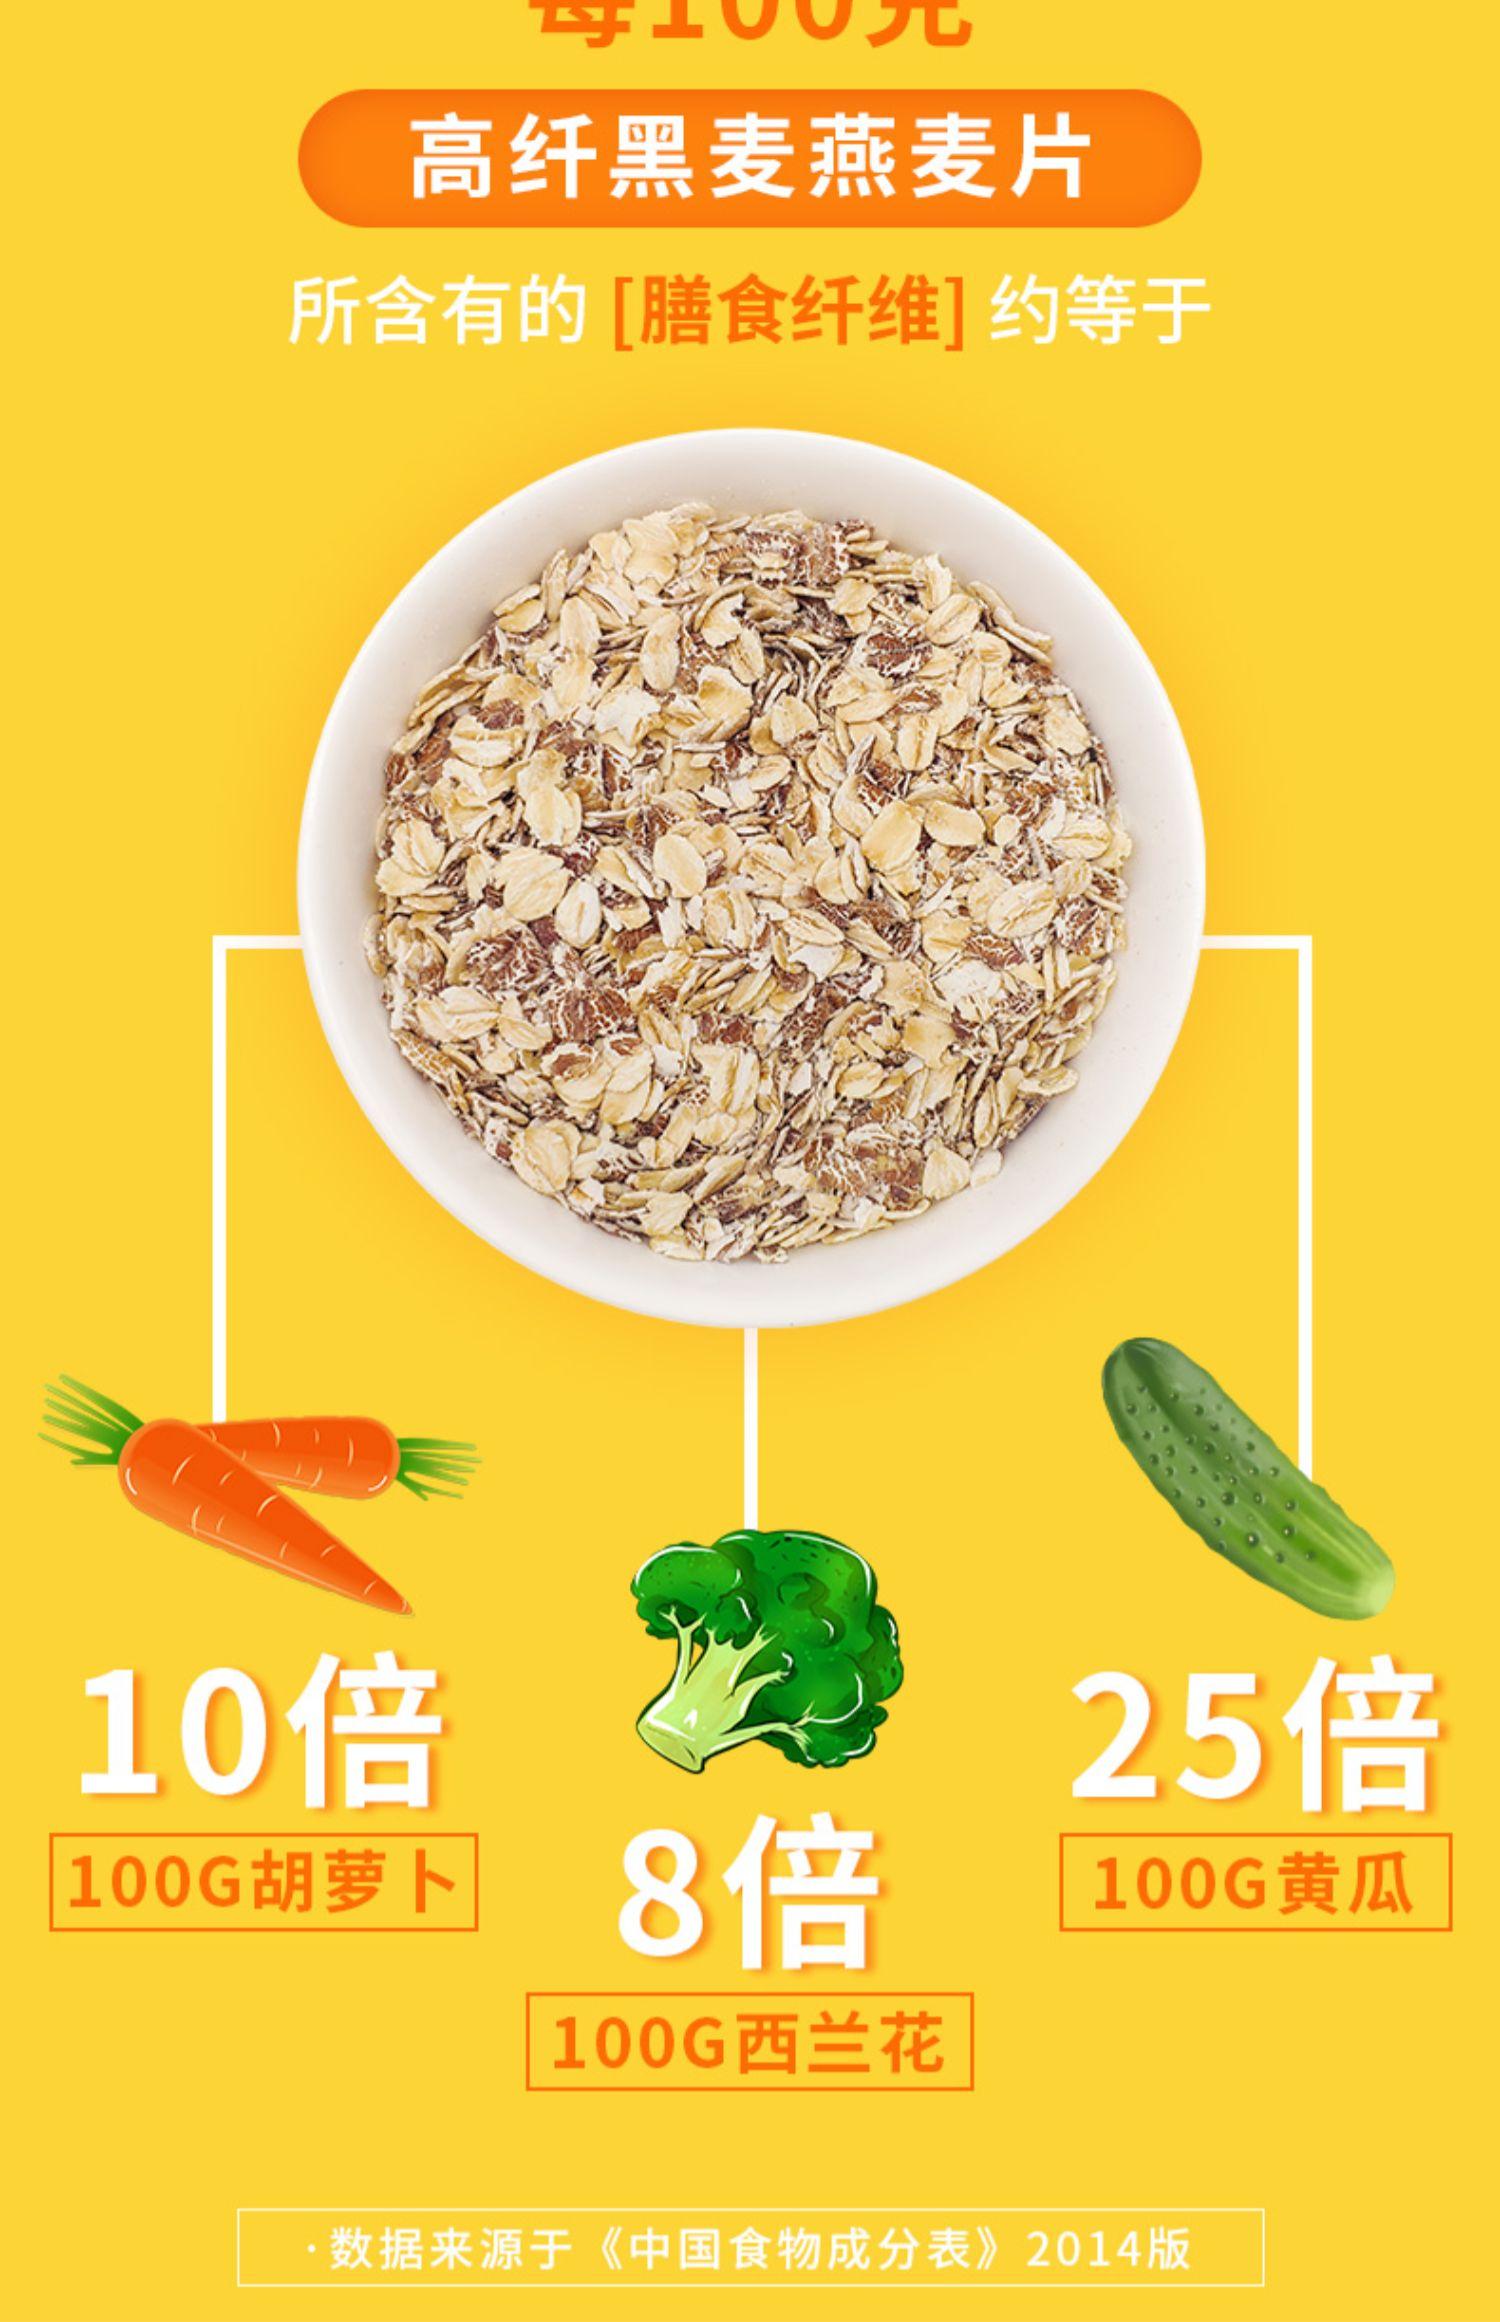 西麦黑麦谷物燕麦片燕麦片9